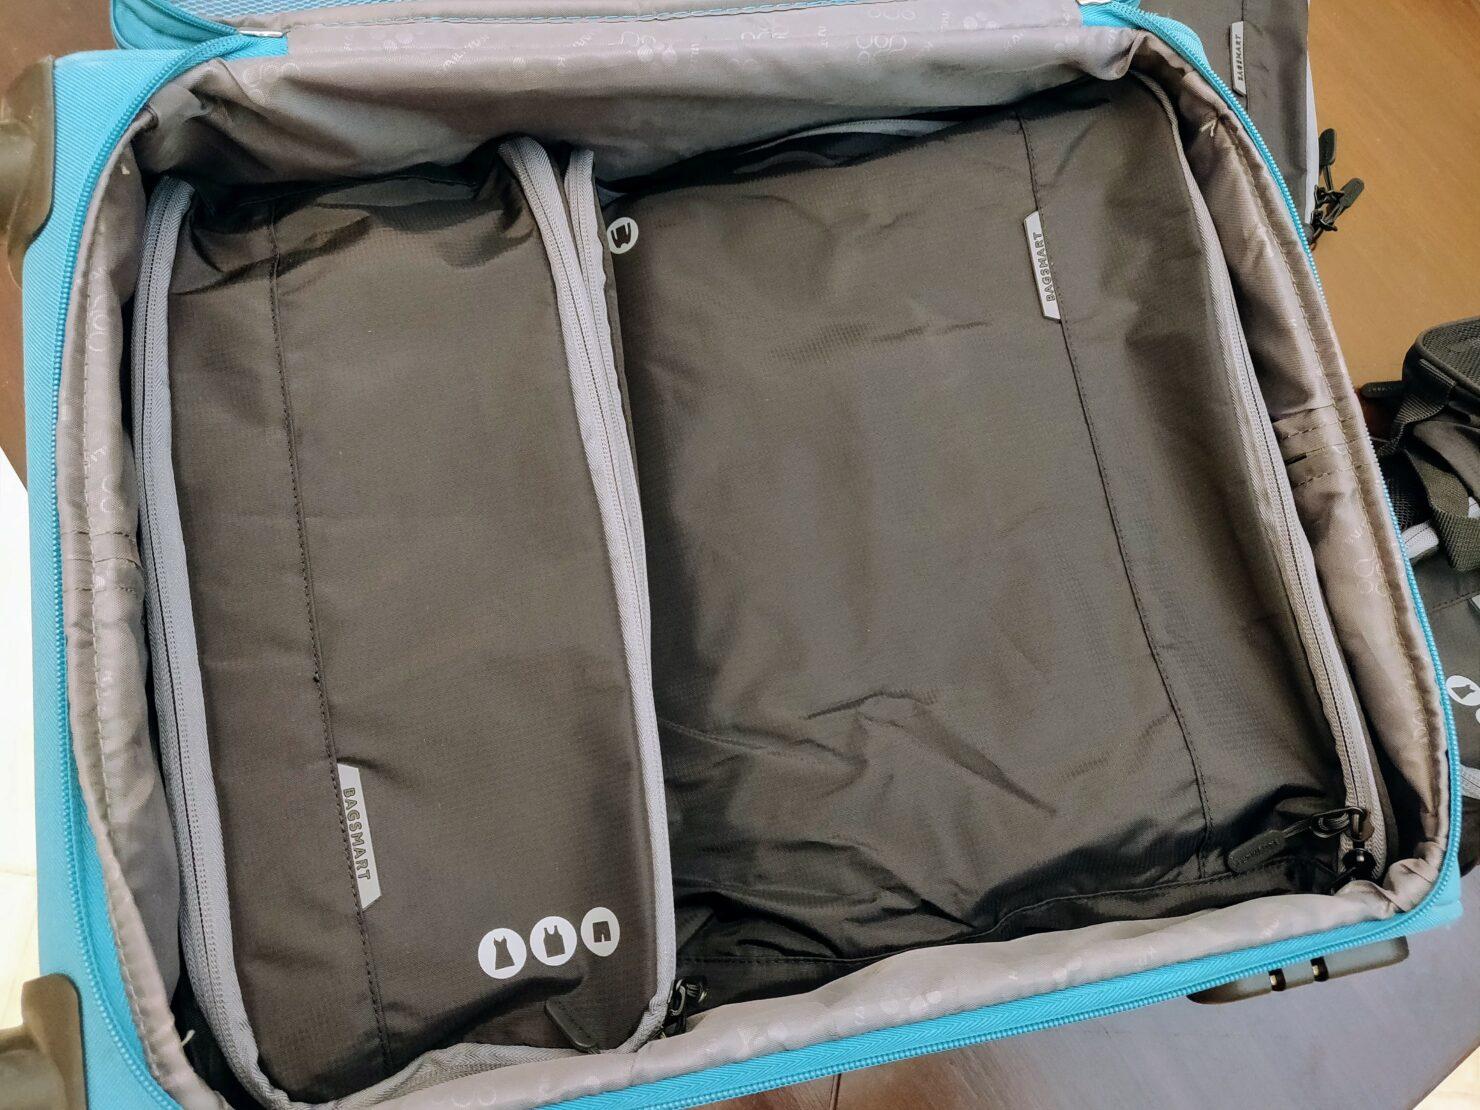 luggage organizer